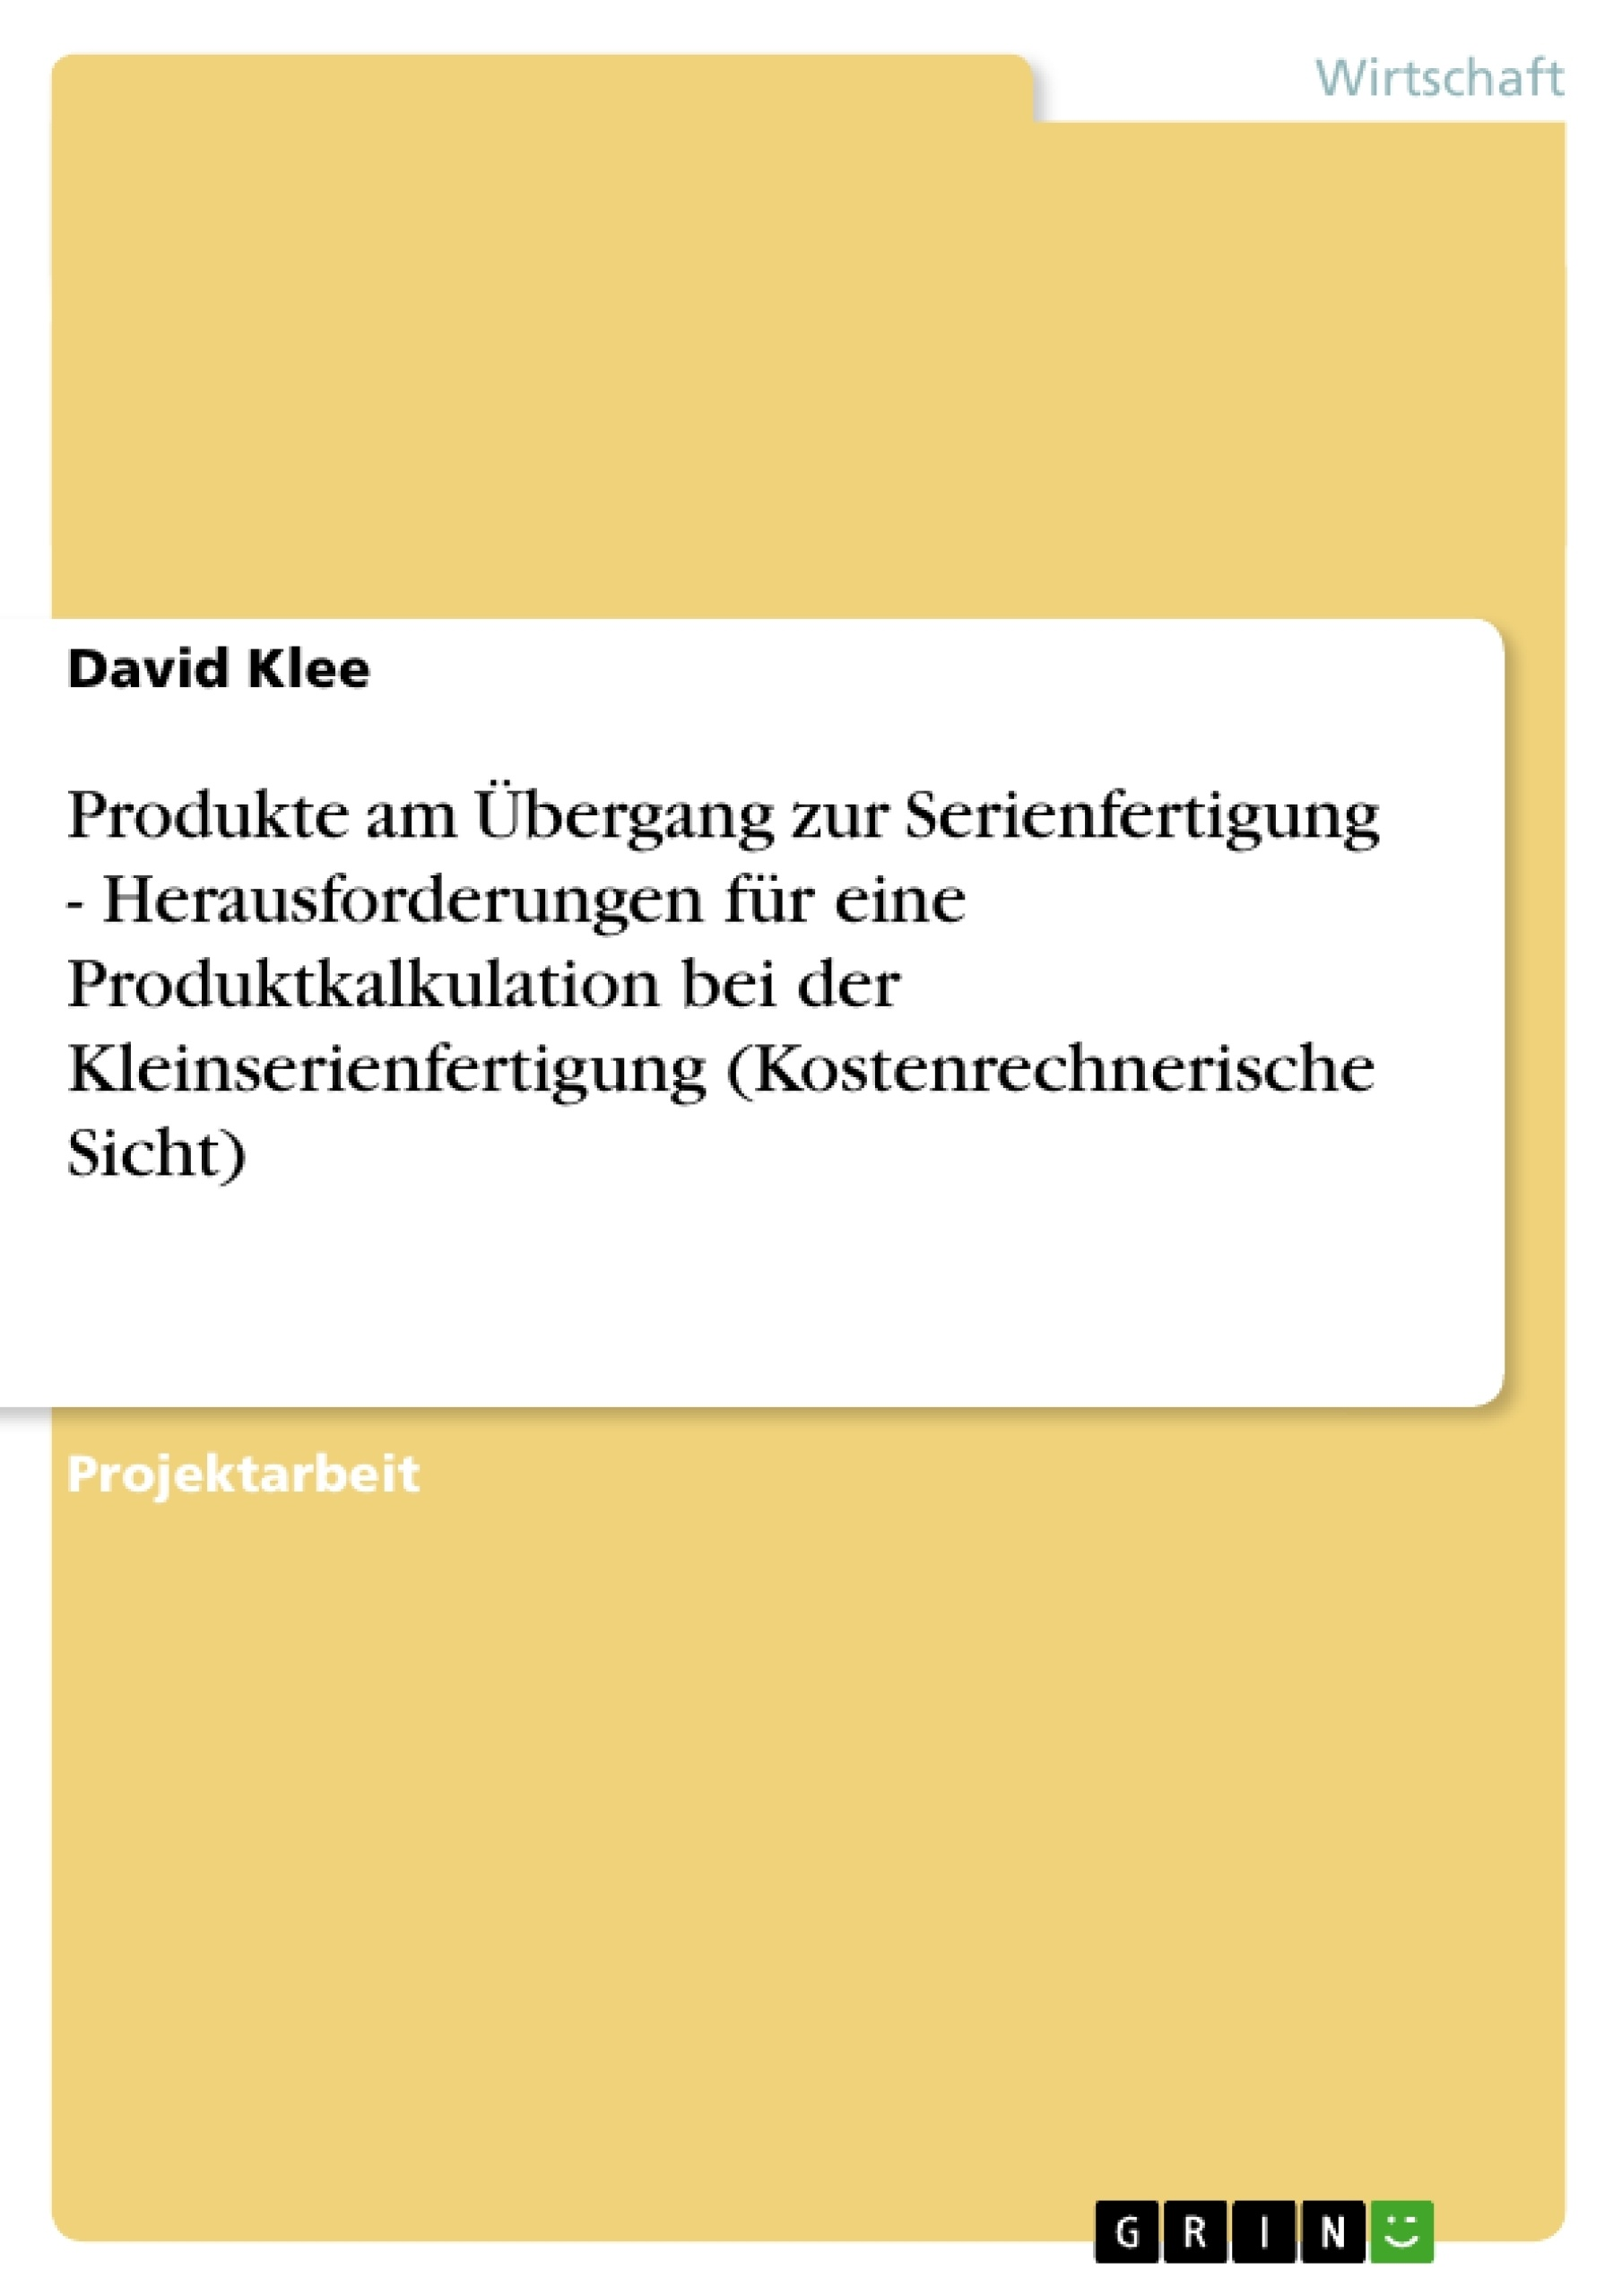 Titel: Produkte am Übergang zur Serienfertigung - Herausforderungen für eine Produktkalkulation bei der Kleinserienfertigung (Kostenrechnerische Sicht)